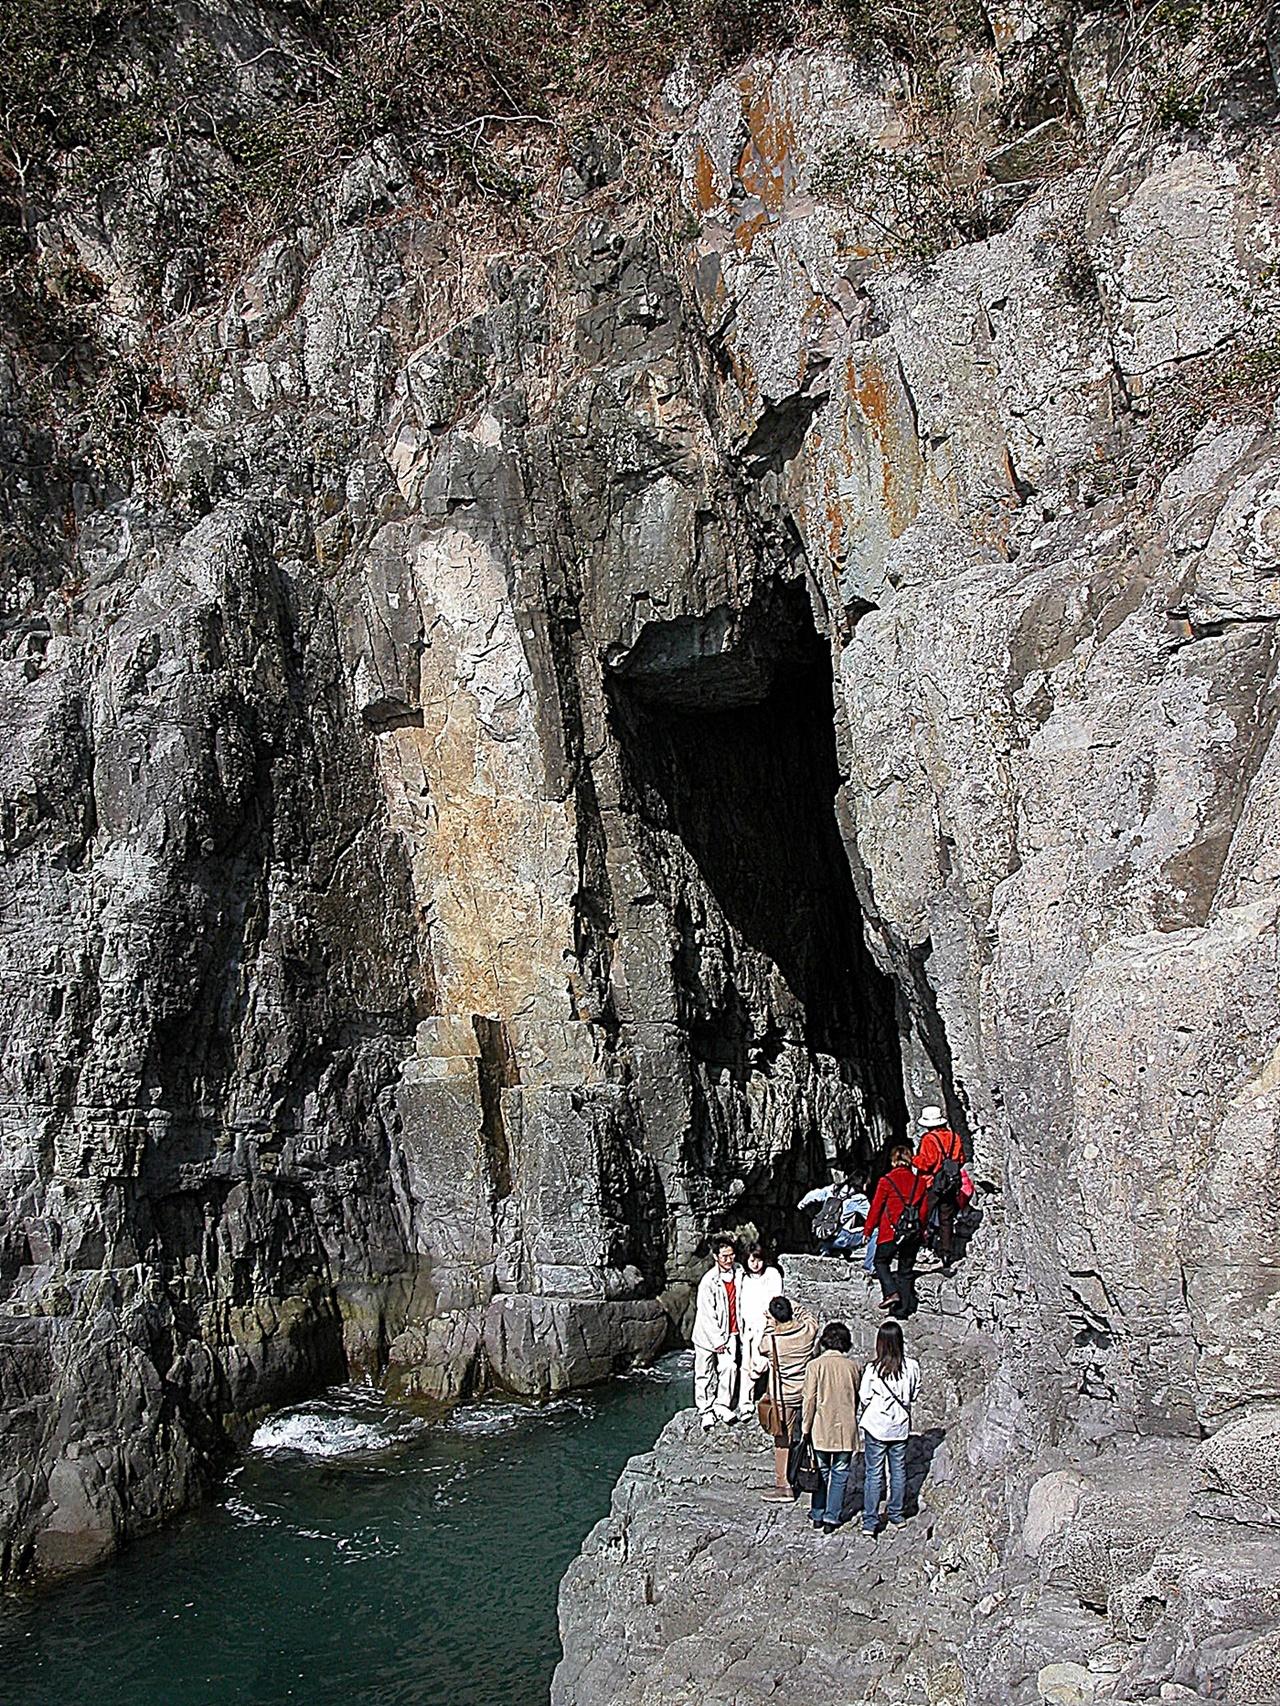 오동도 용굴 오동도에는 동백만 있는 것이 아니다. 해안에는 기암의 동굴도 있어 볼거리가 된다. 파도가 만든 용굴의 발 아래에는 지금도 파도가 들이친다.